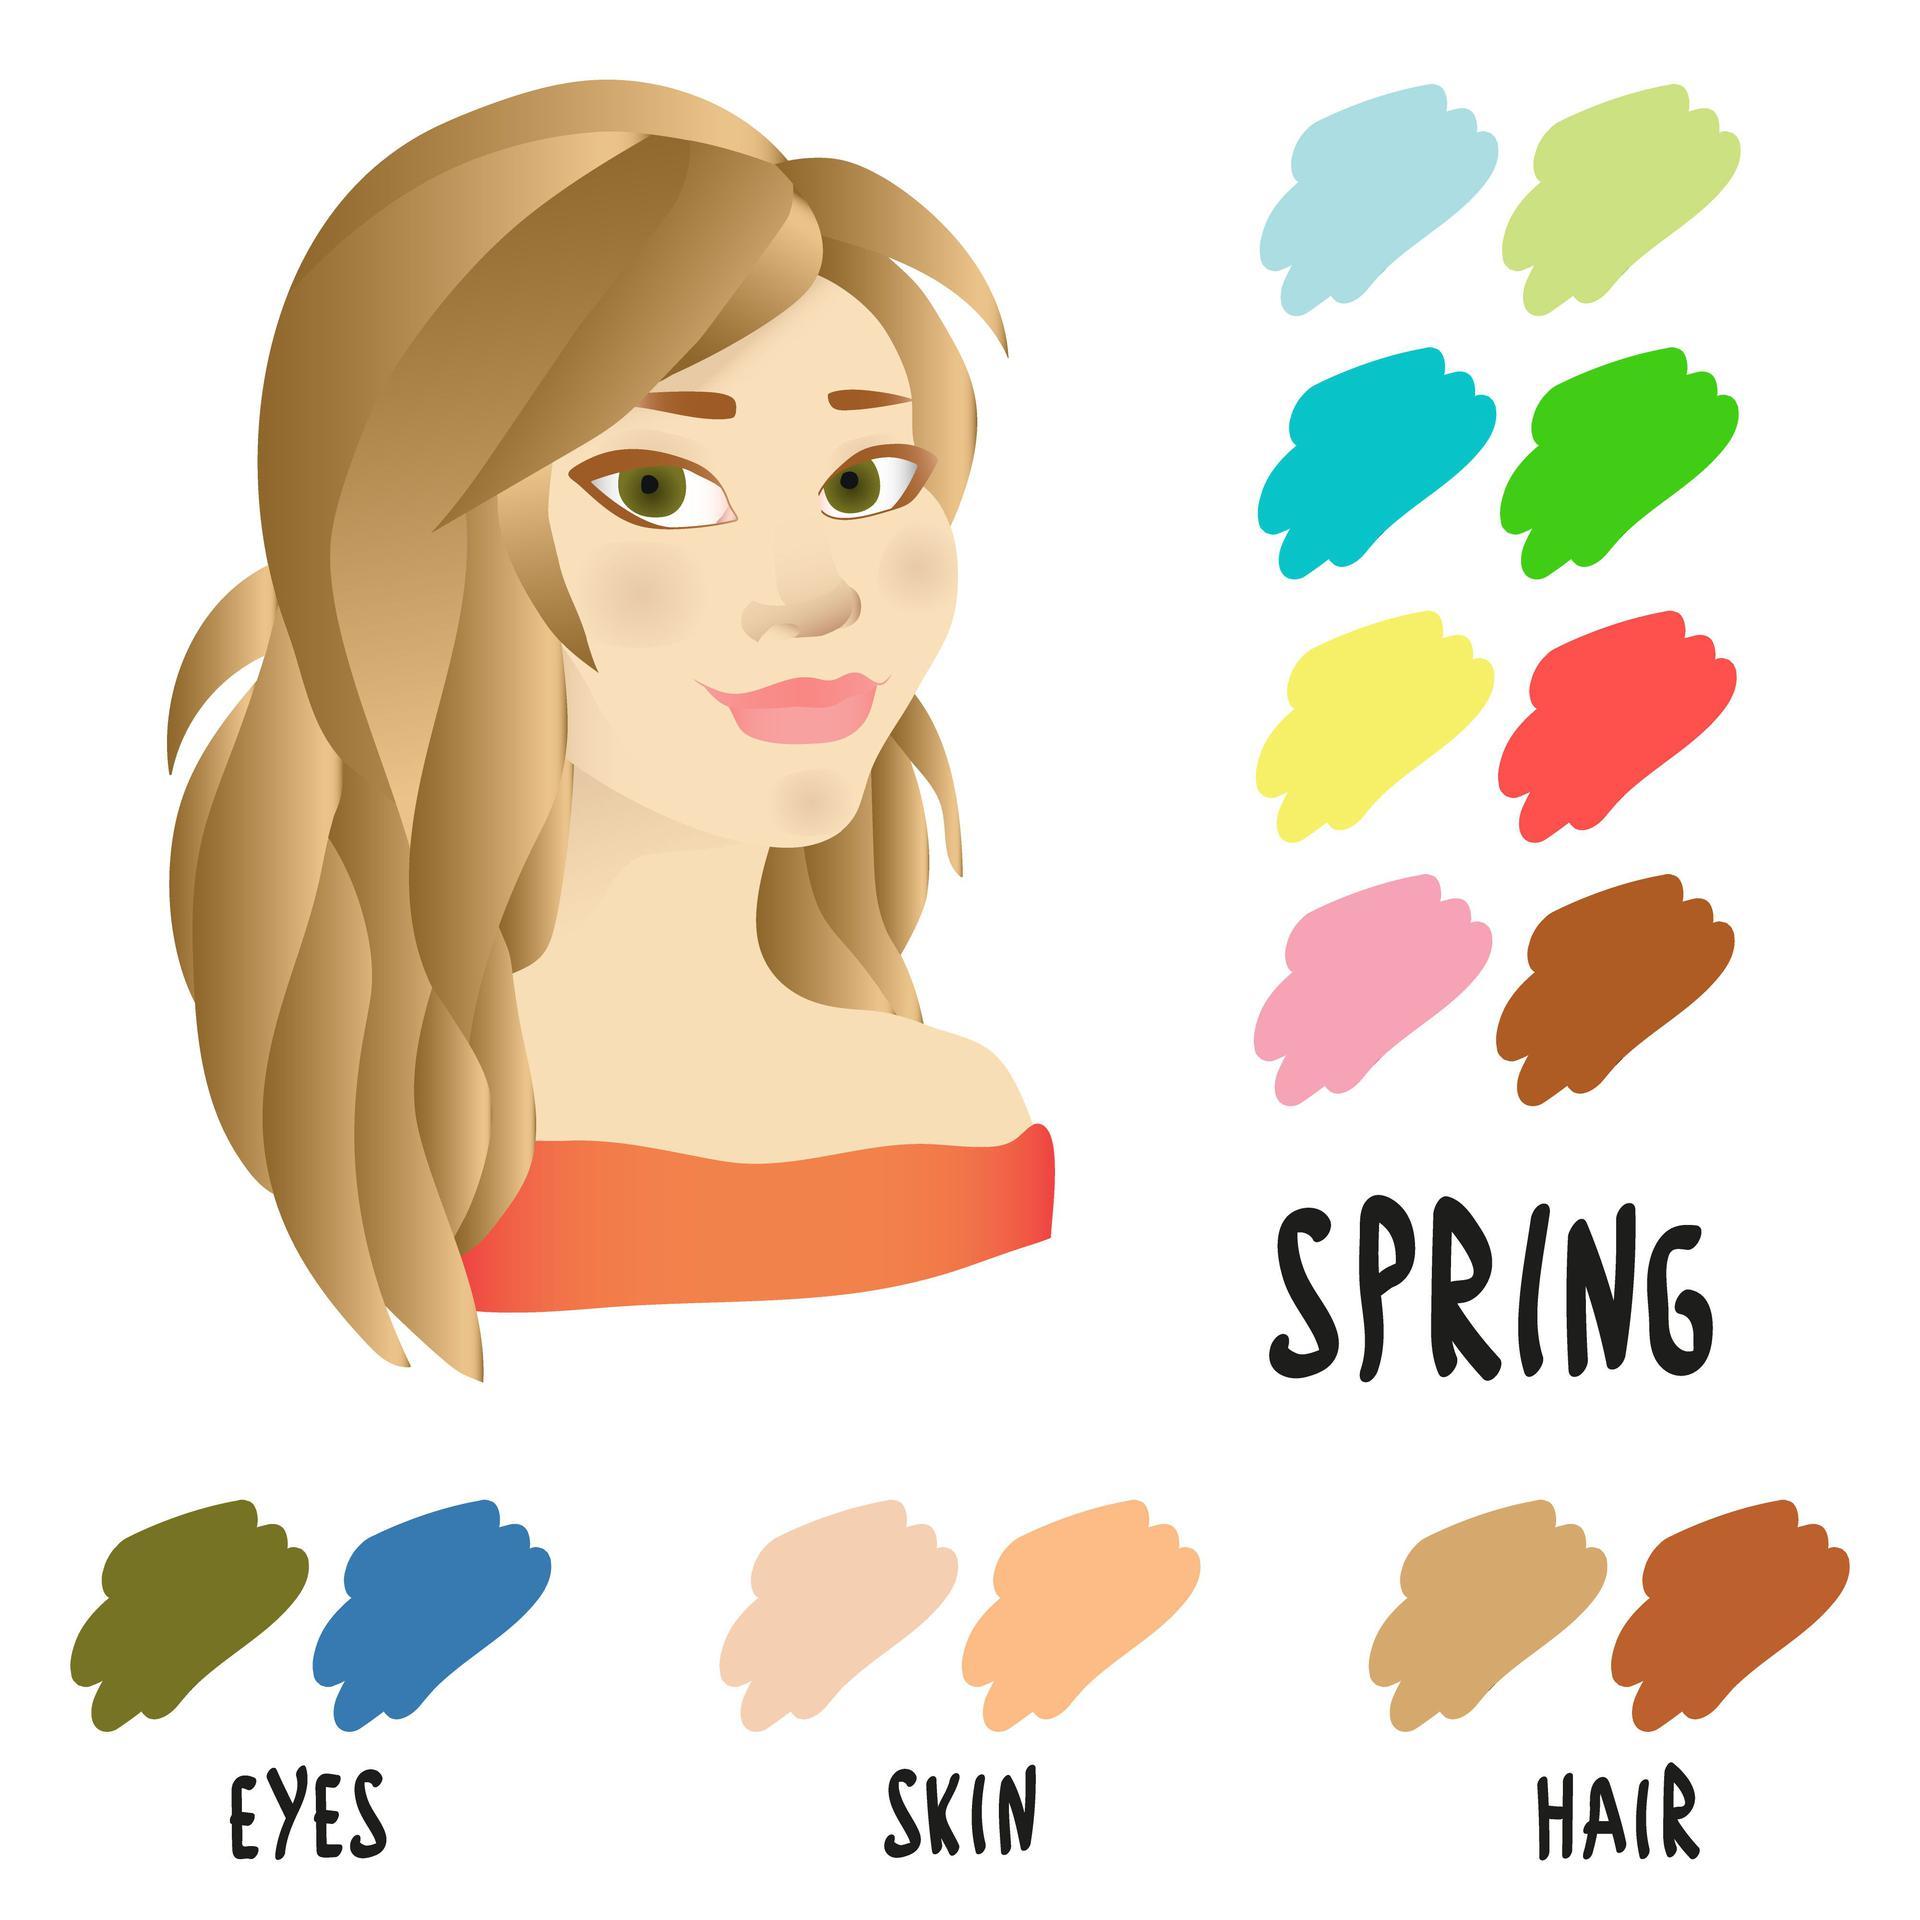 Typ Urody Wiosna Makijaż I Kolory Ubrań Dla Pani Wiosny